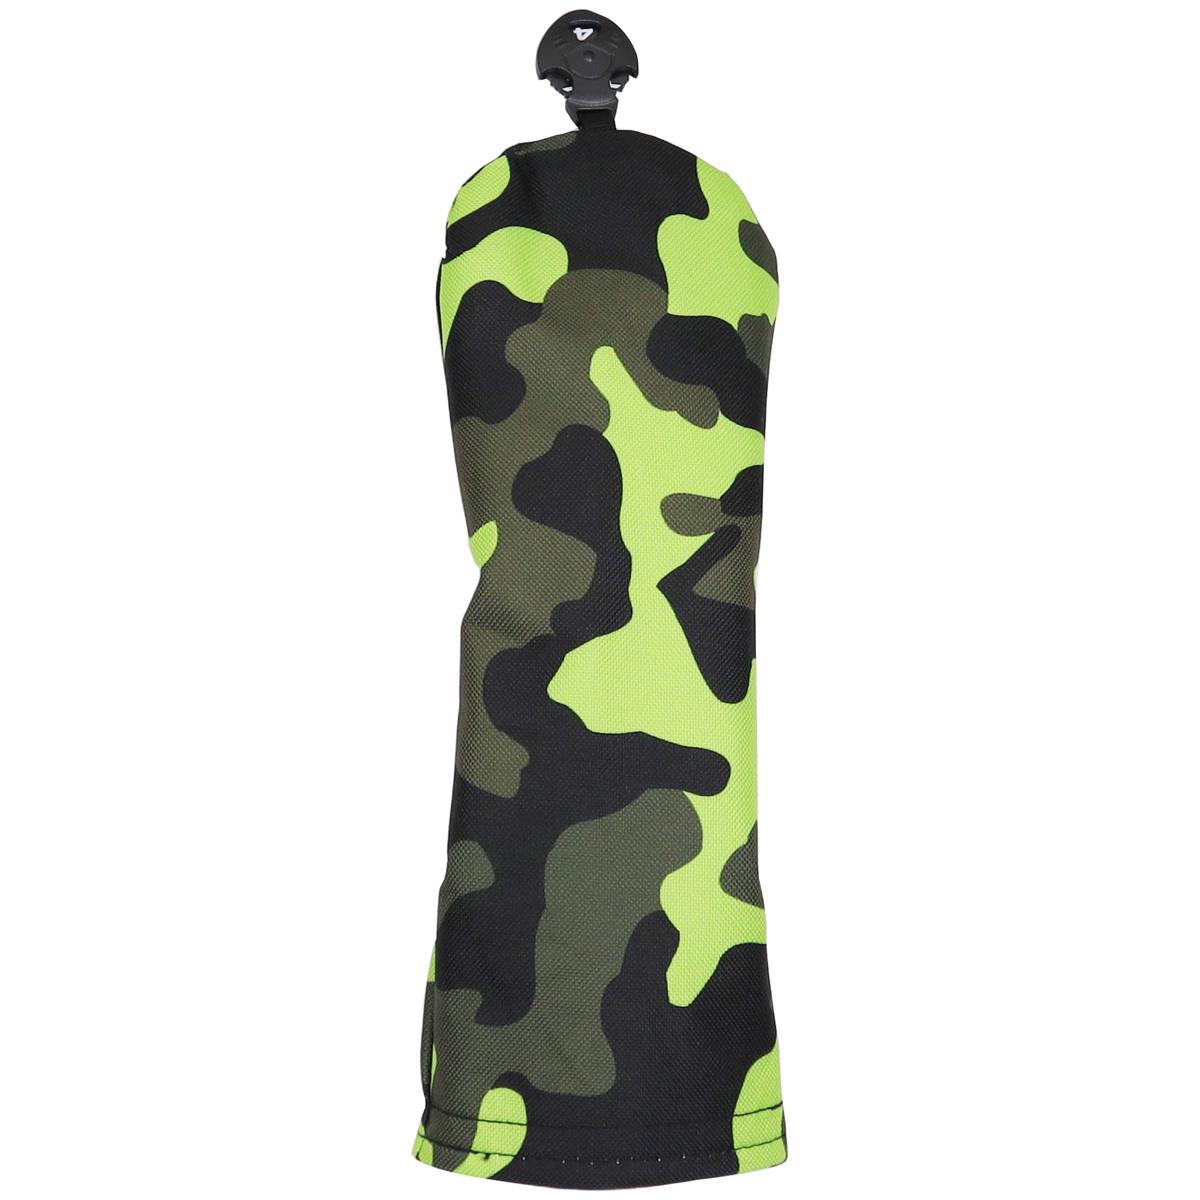 スタイルヘッドカバー FW用 アーバンカモグリーン